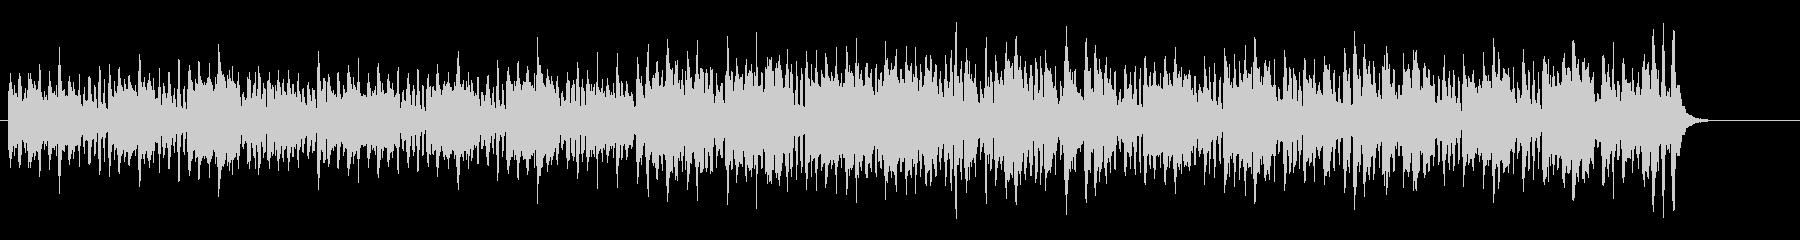 サーカスを告げる古風なマーチ・サウンドの未再生の波形